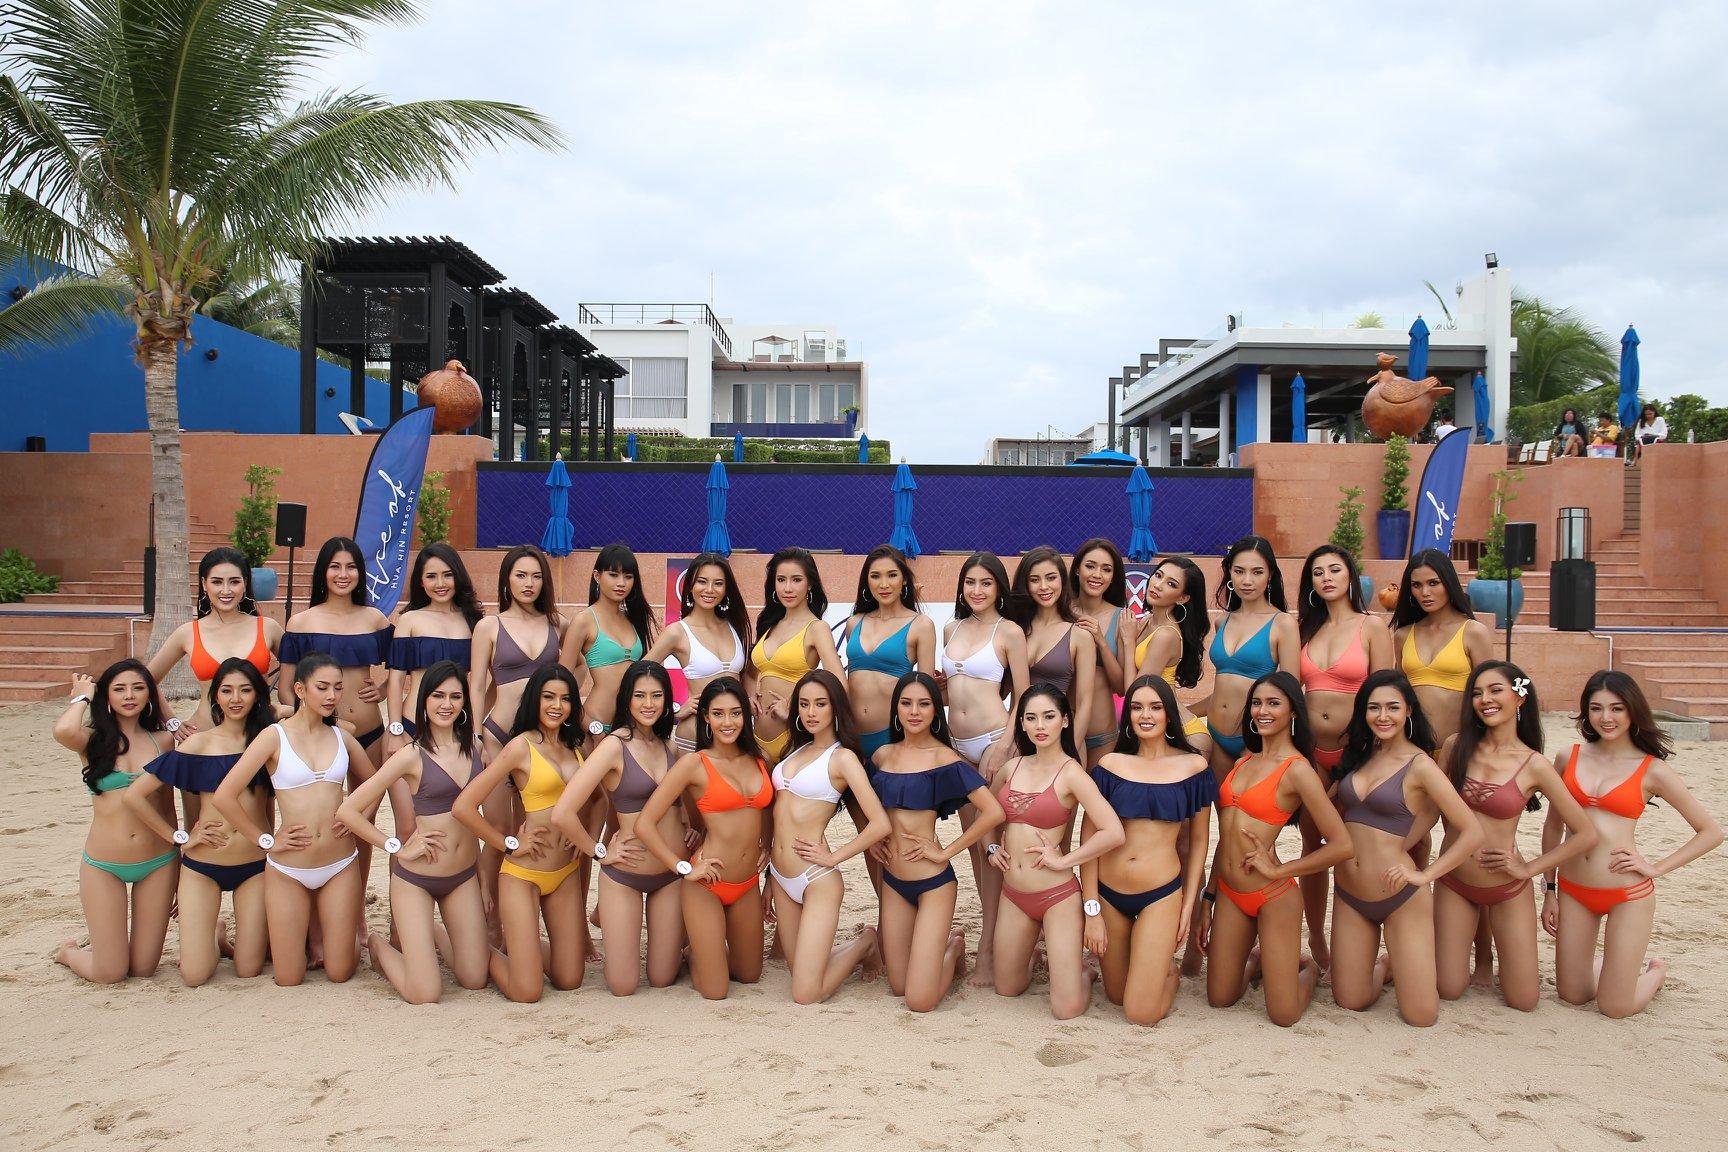 30 ผู้เข้าประกวดมิสไทยแลนด์เวิลด์ 2018 ถ่ายชุดว่ายน้ำ @ Ace of Hua Hin Resort